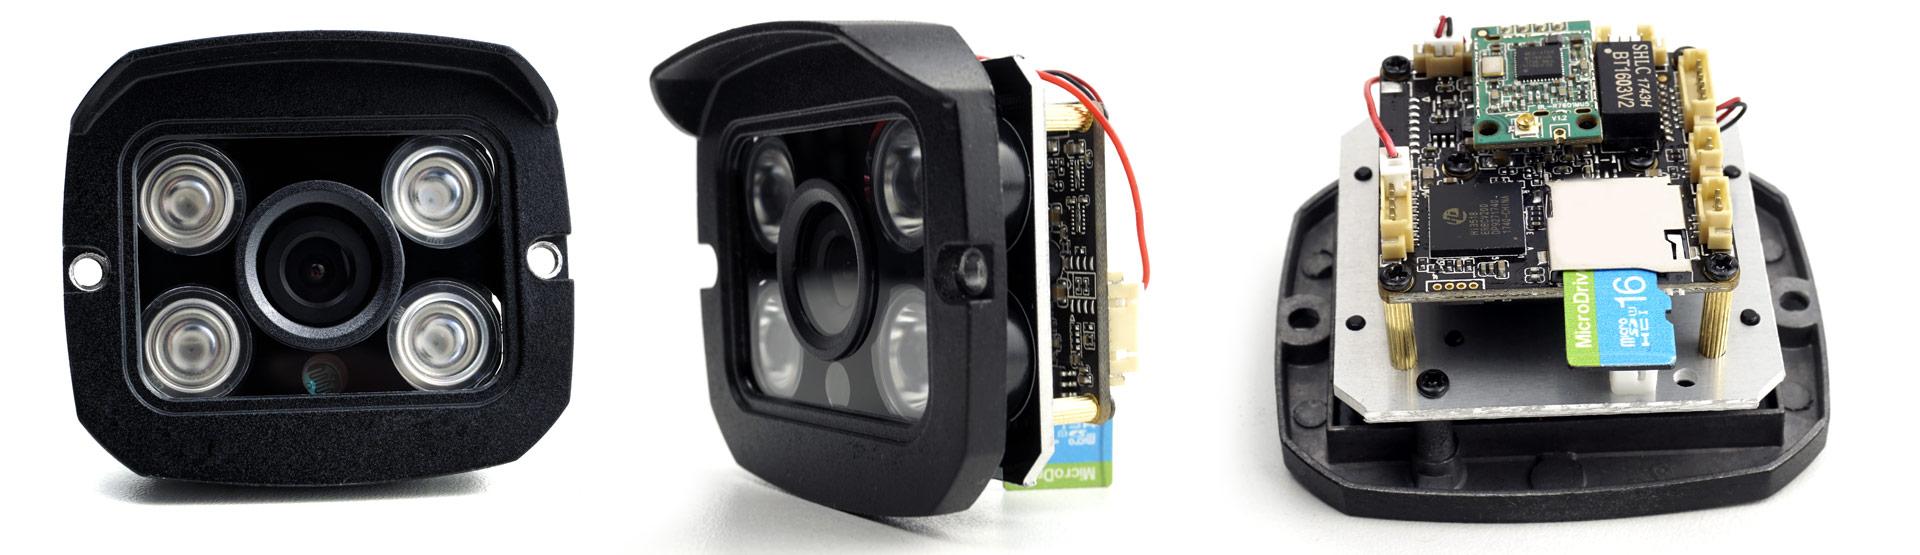 камера с поддержкой записи на карту памяти